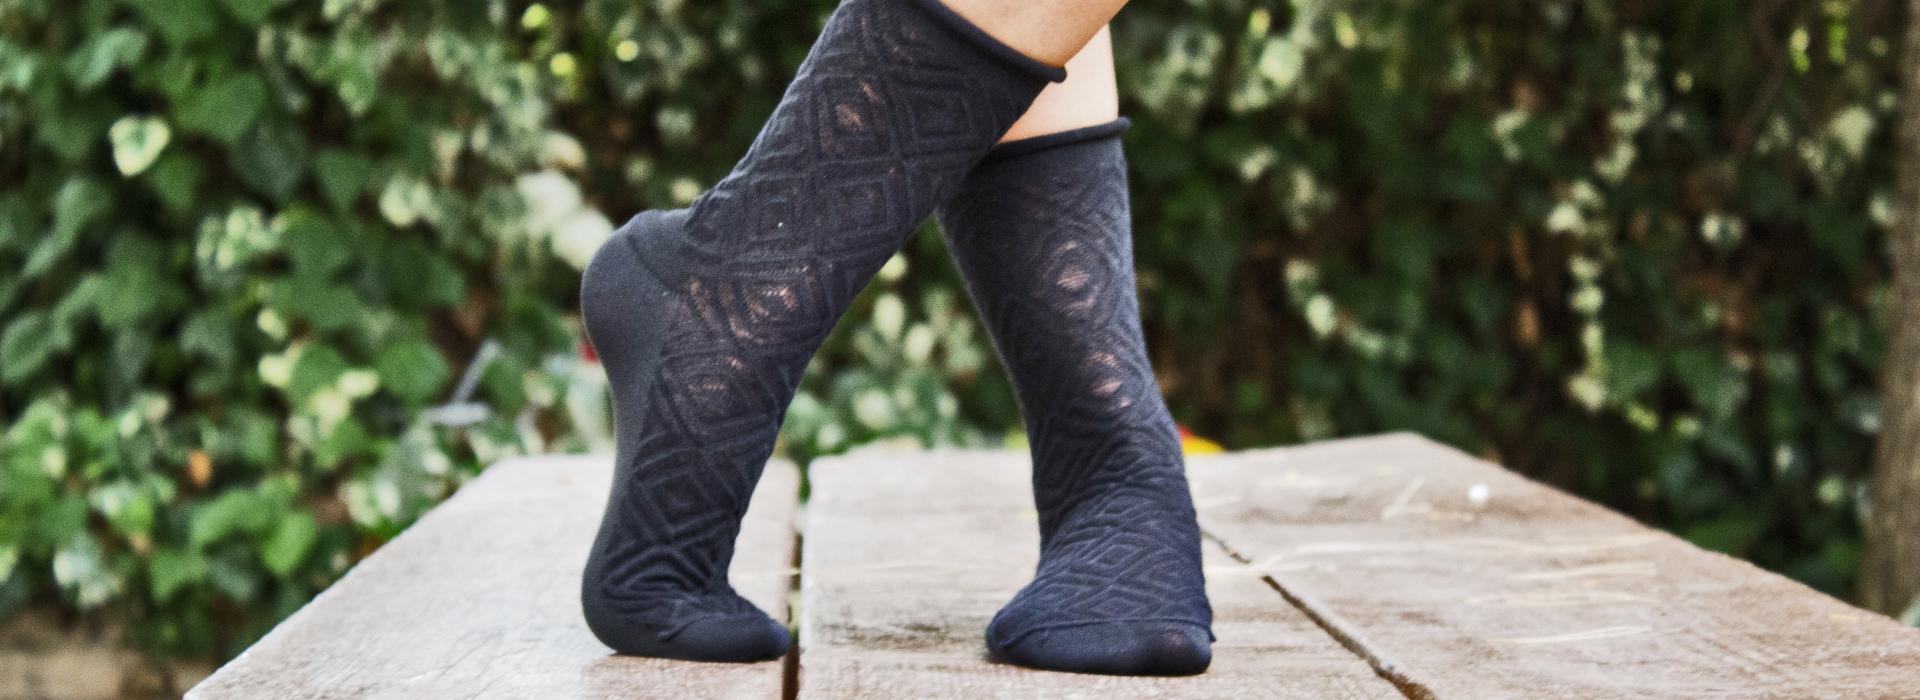 calze donna bestcalze